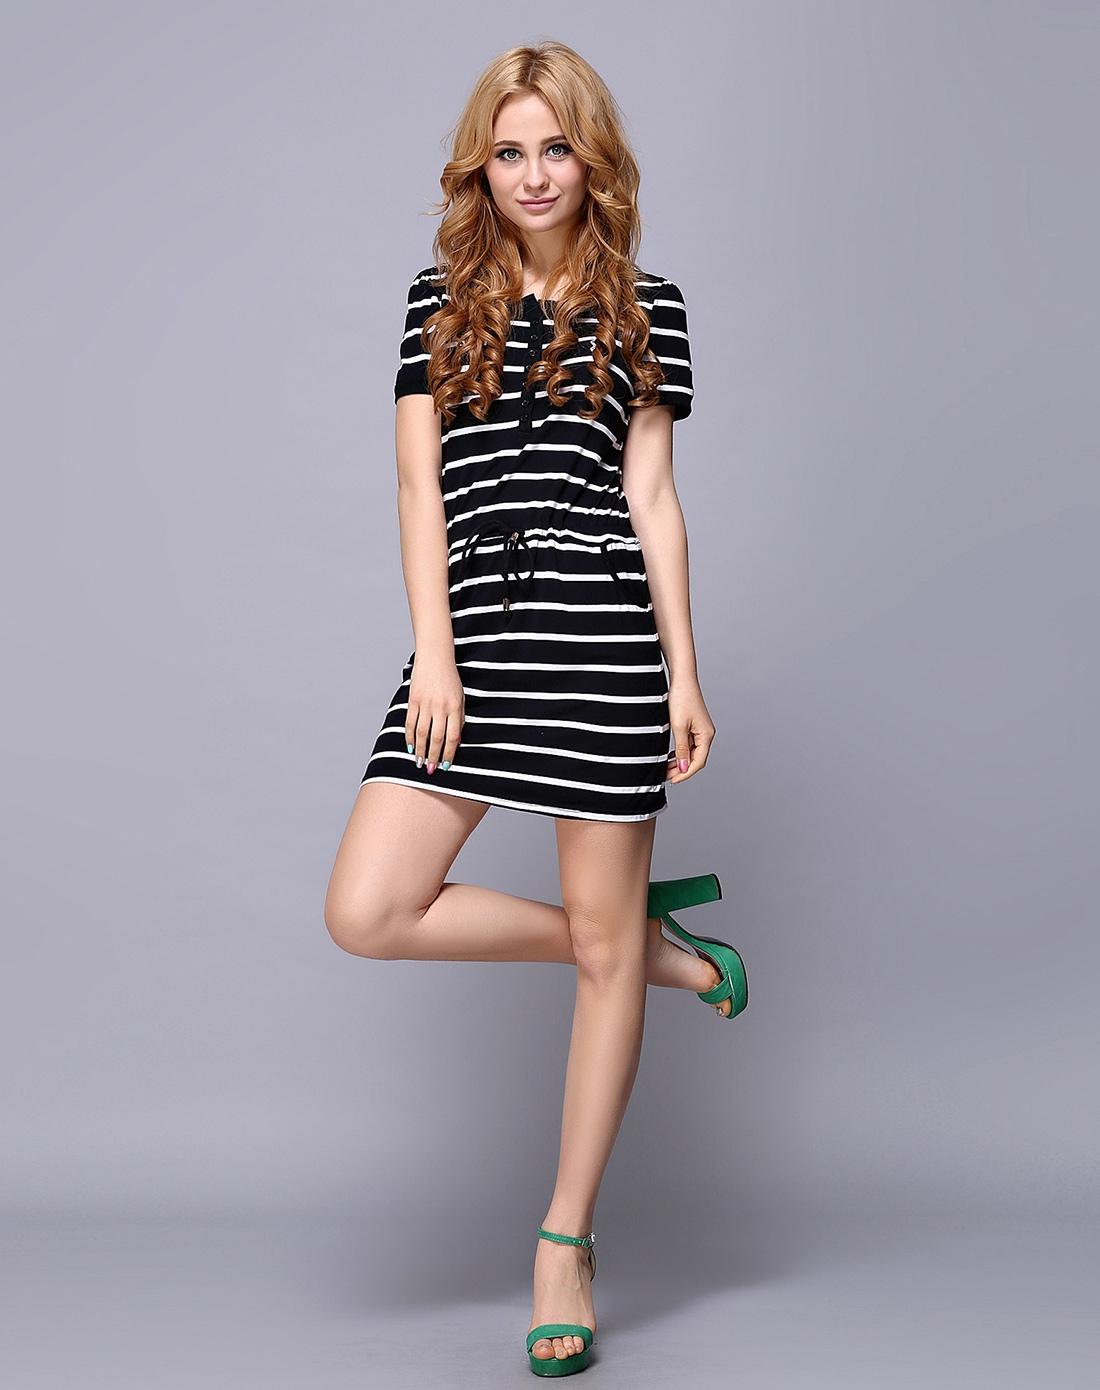 黑色黑白条纹连衣裙